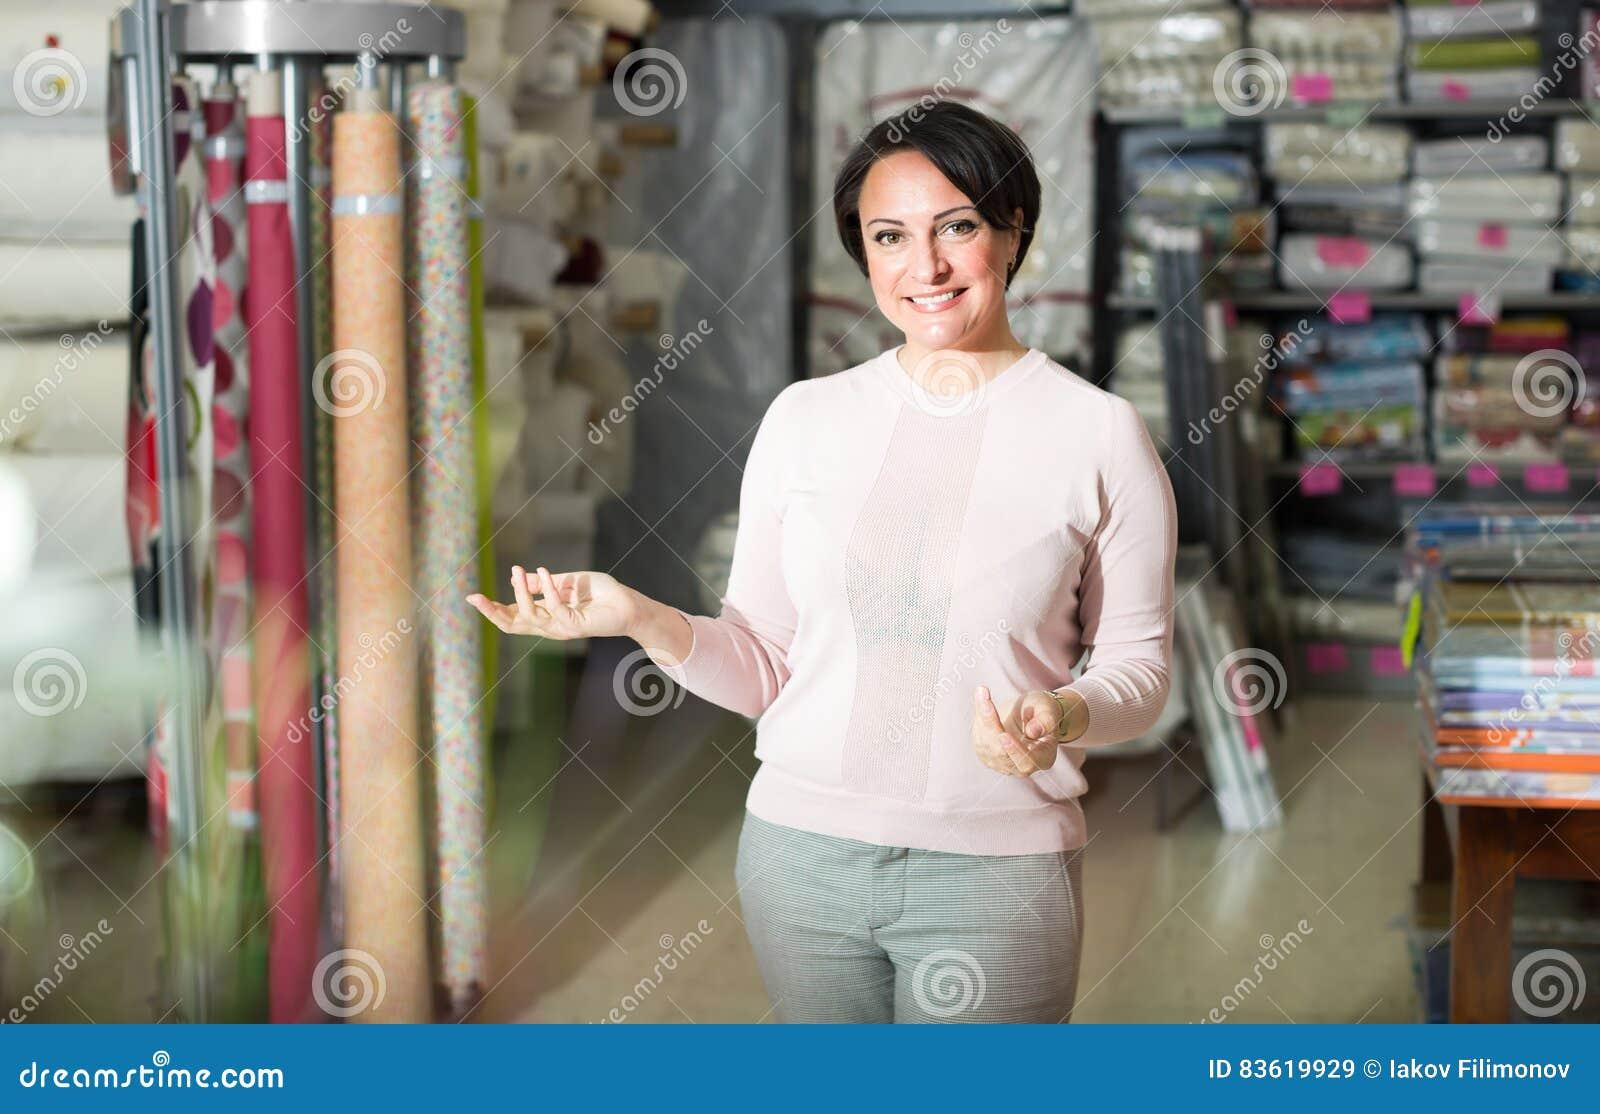 Женщина брюнет в магазине ткани